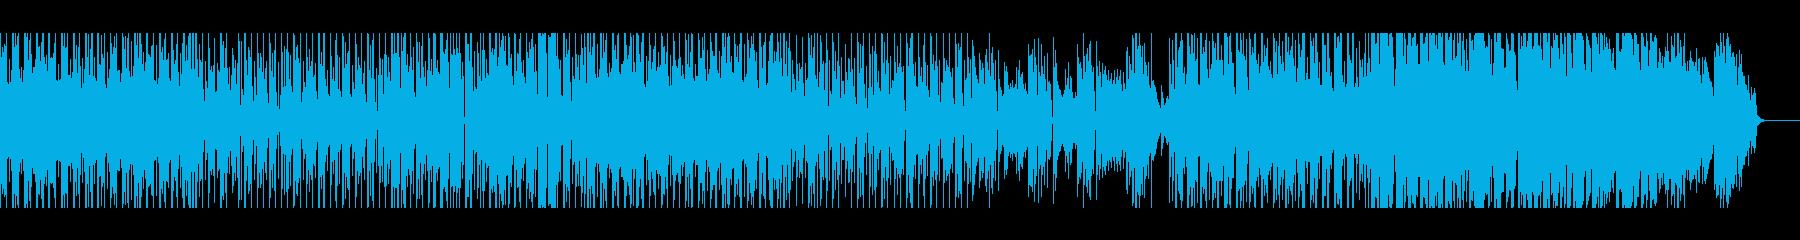 【パーカッション無し】スペーシーファンクの再生済みの波形